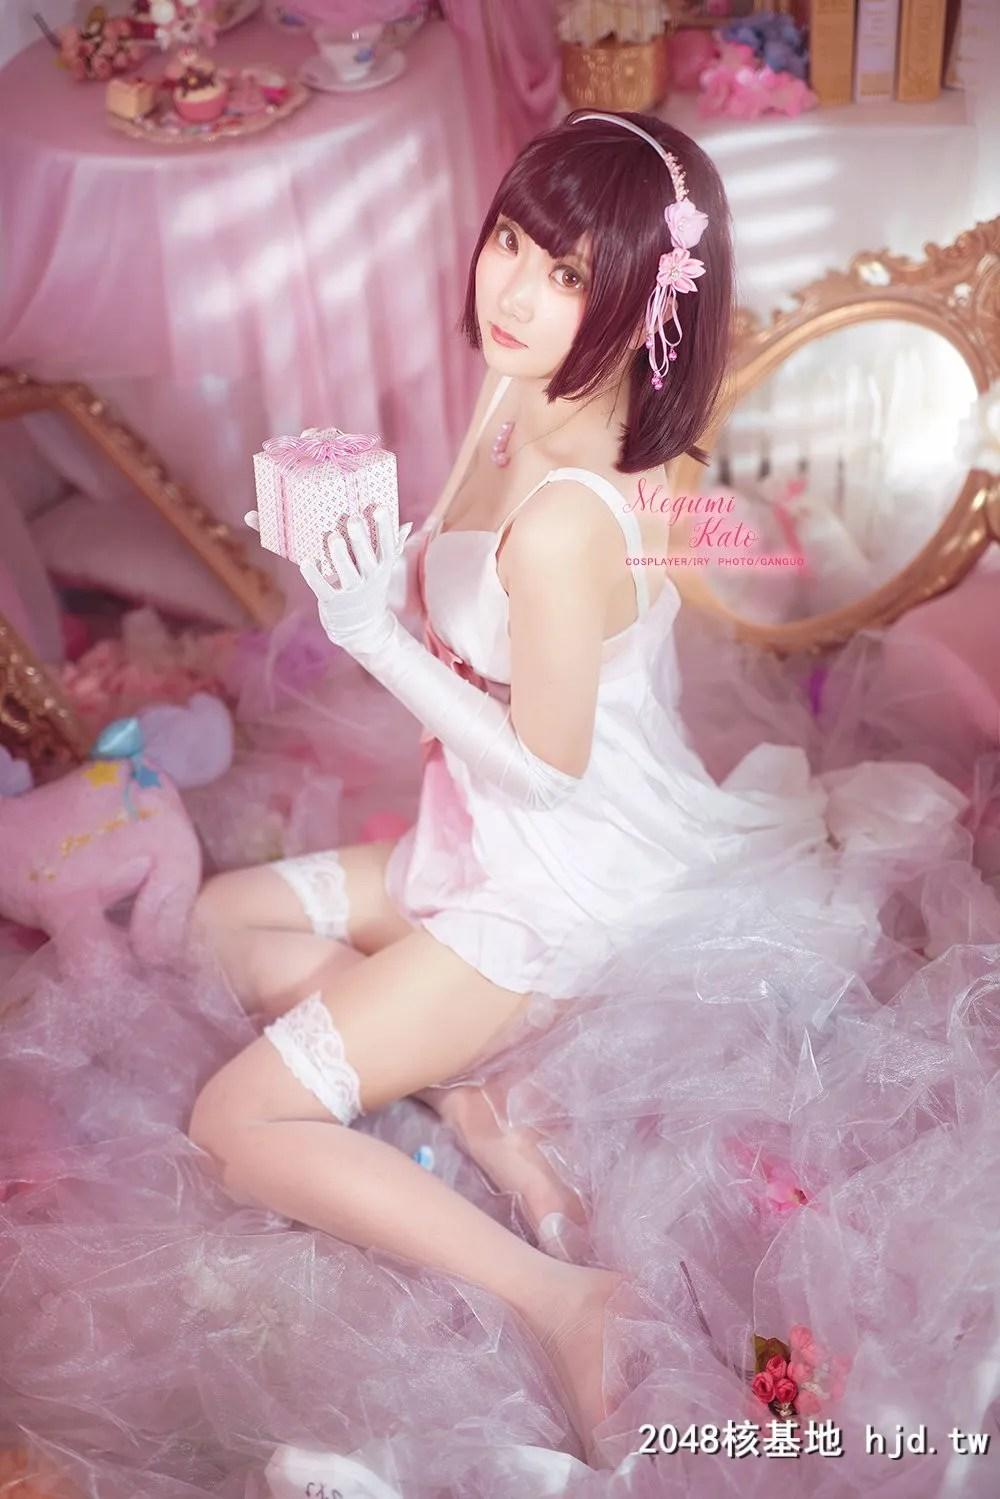 路人女主的养成方法加藤惠 BD特典礼服ver.@艾瑞有点甜 (9P)插图(3)